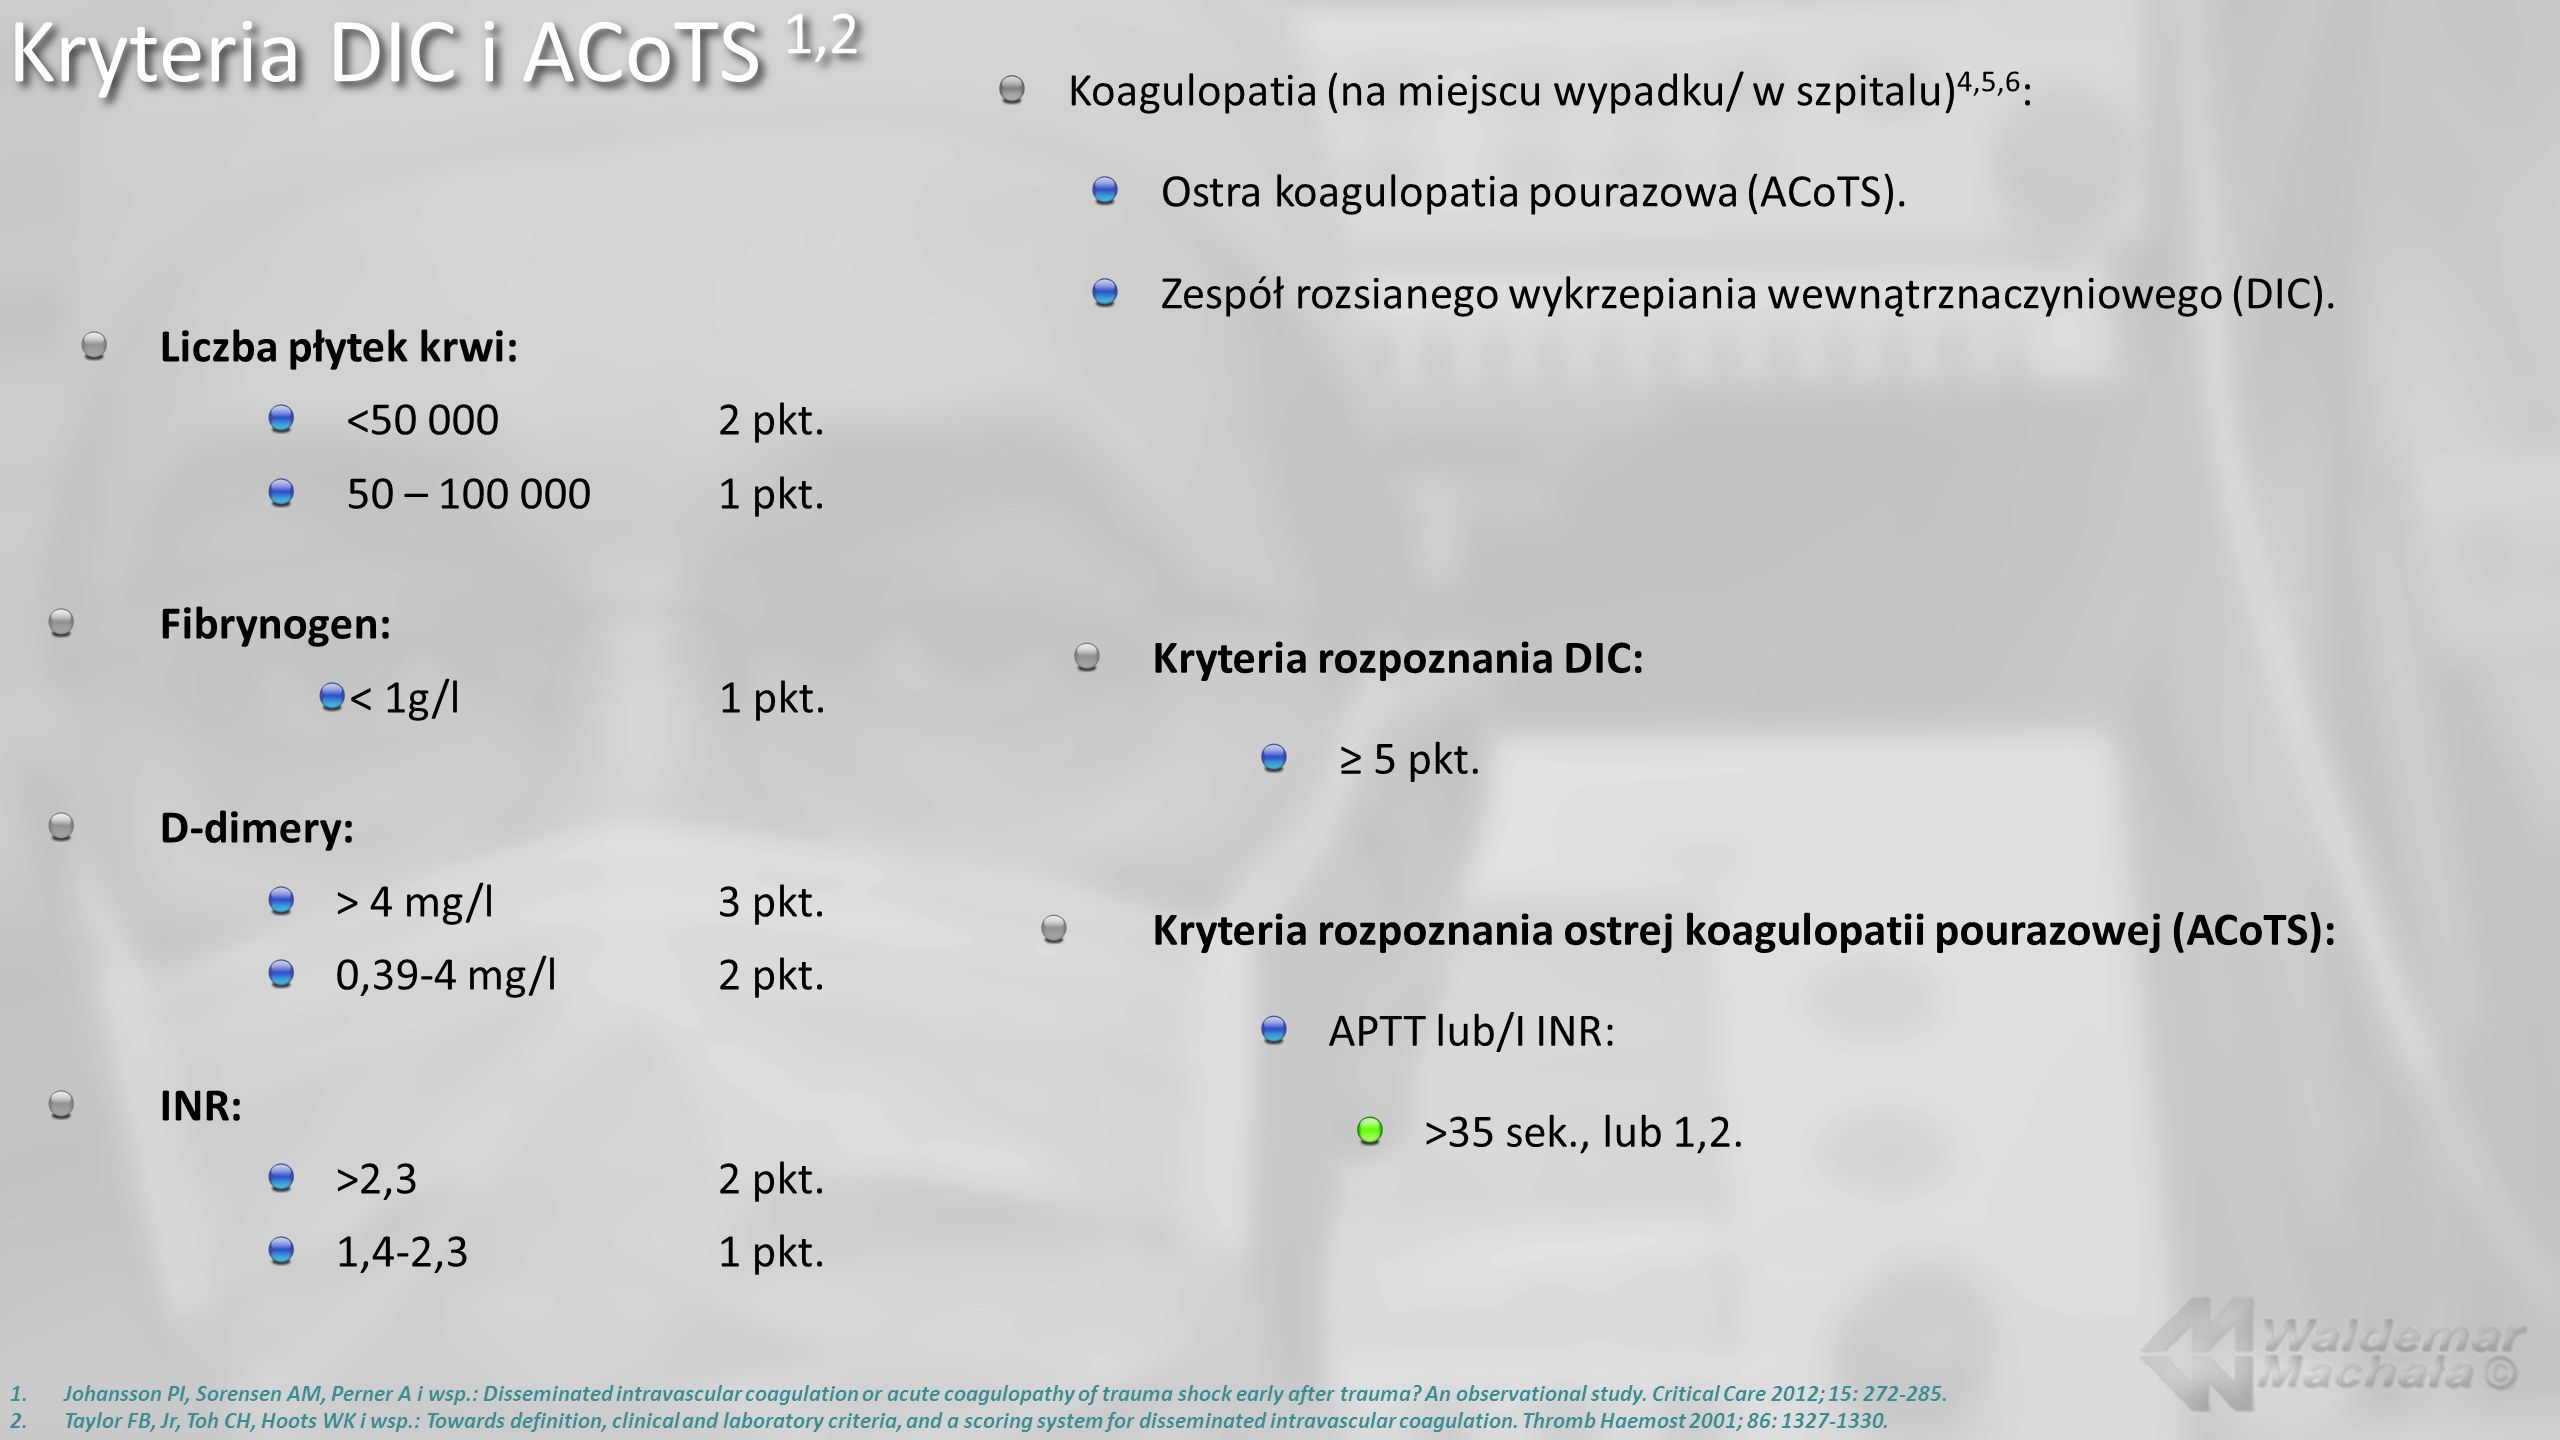 Kryteria DIC i ACoTS 1,2 Koagulopatia (na miejscu wypadku/ w szpitalu)4,5,6: Ostra koagulopatia pourazowa (ACoTS).